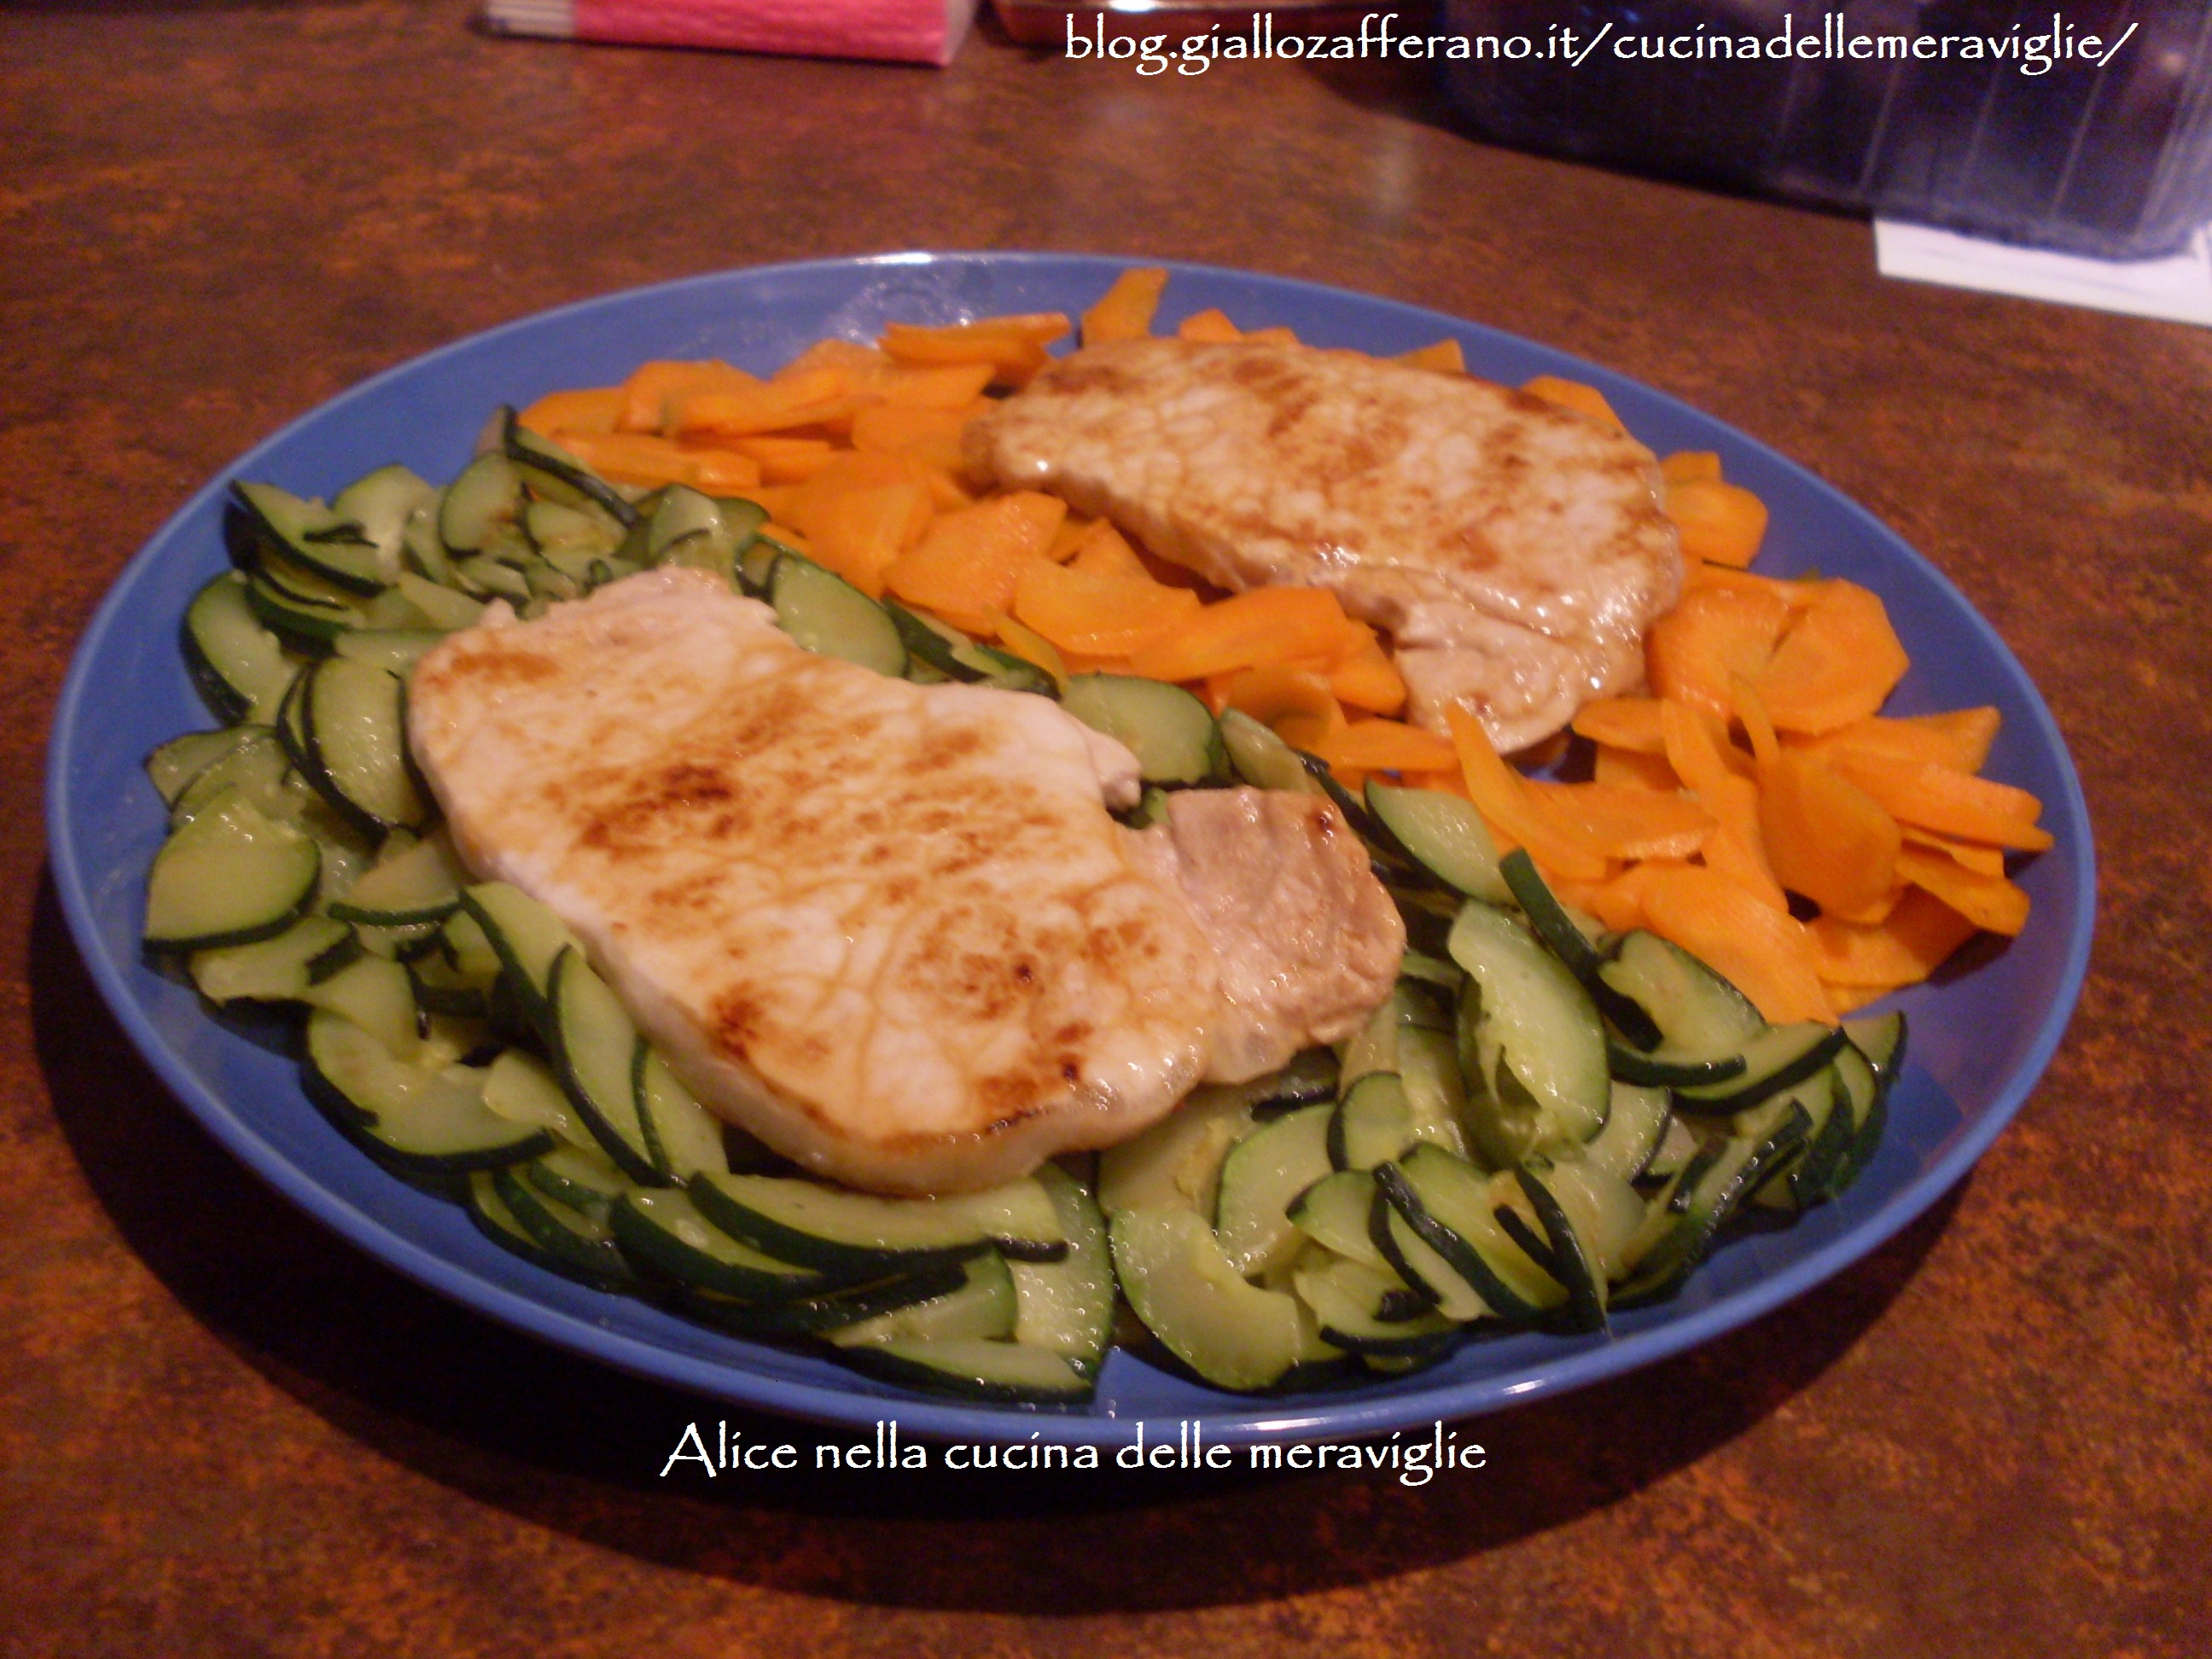 Bistecchine con verdure bicolori Ricetta leggera Alice nella cucina delle meraviglie